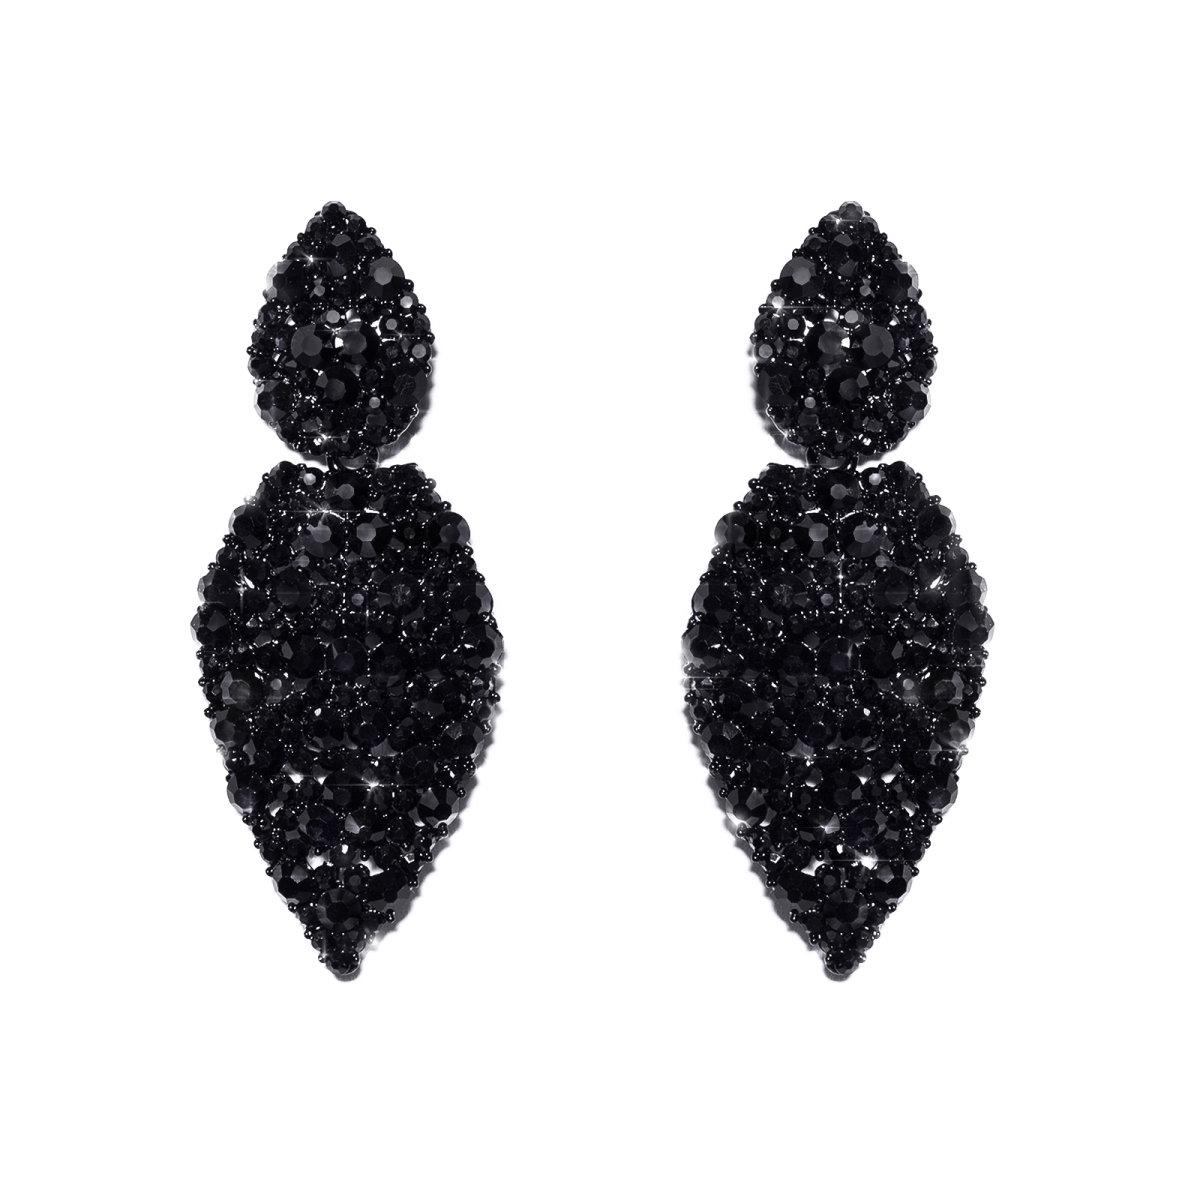 Cercei eleganti cu pietre negre Negru